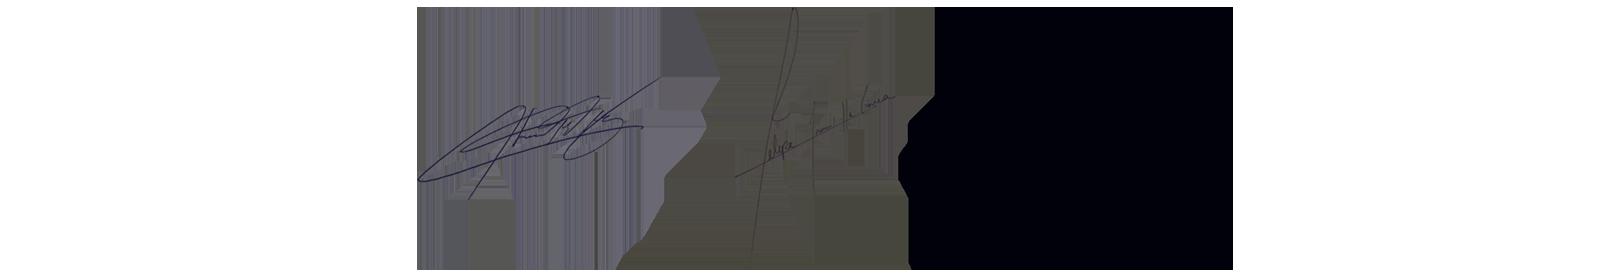 assinaturas pingreen